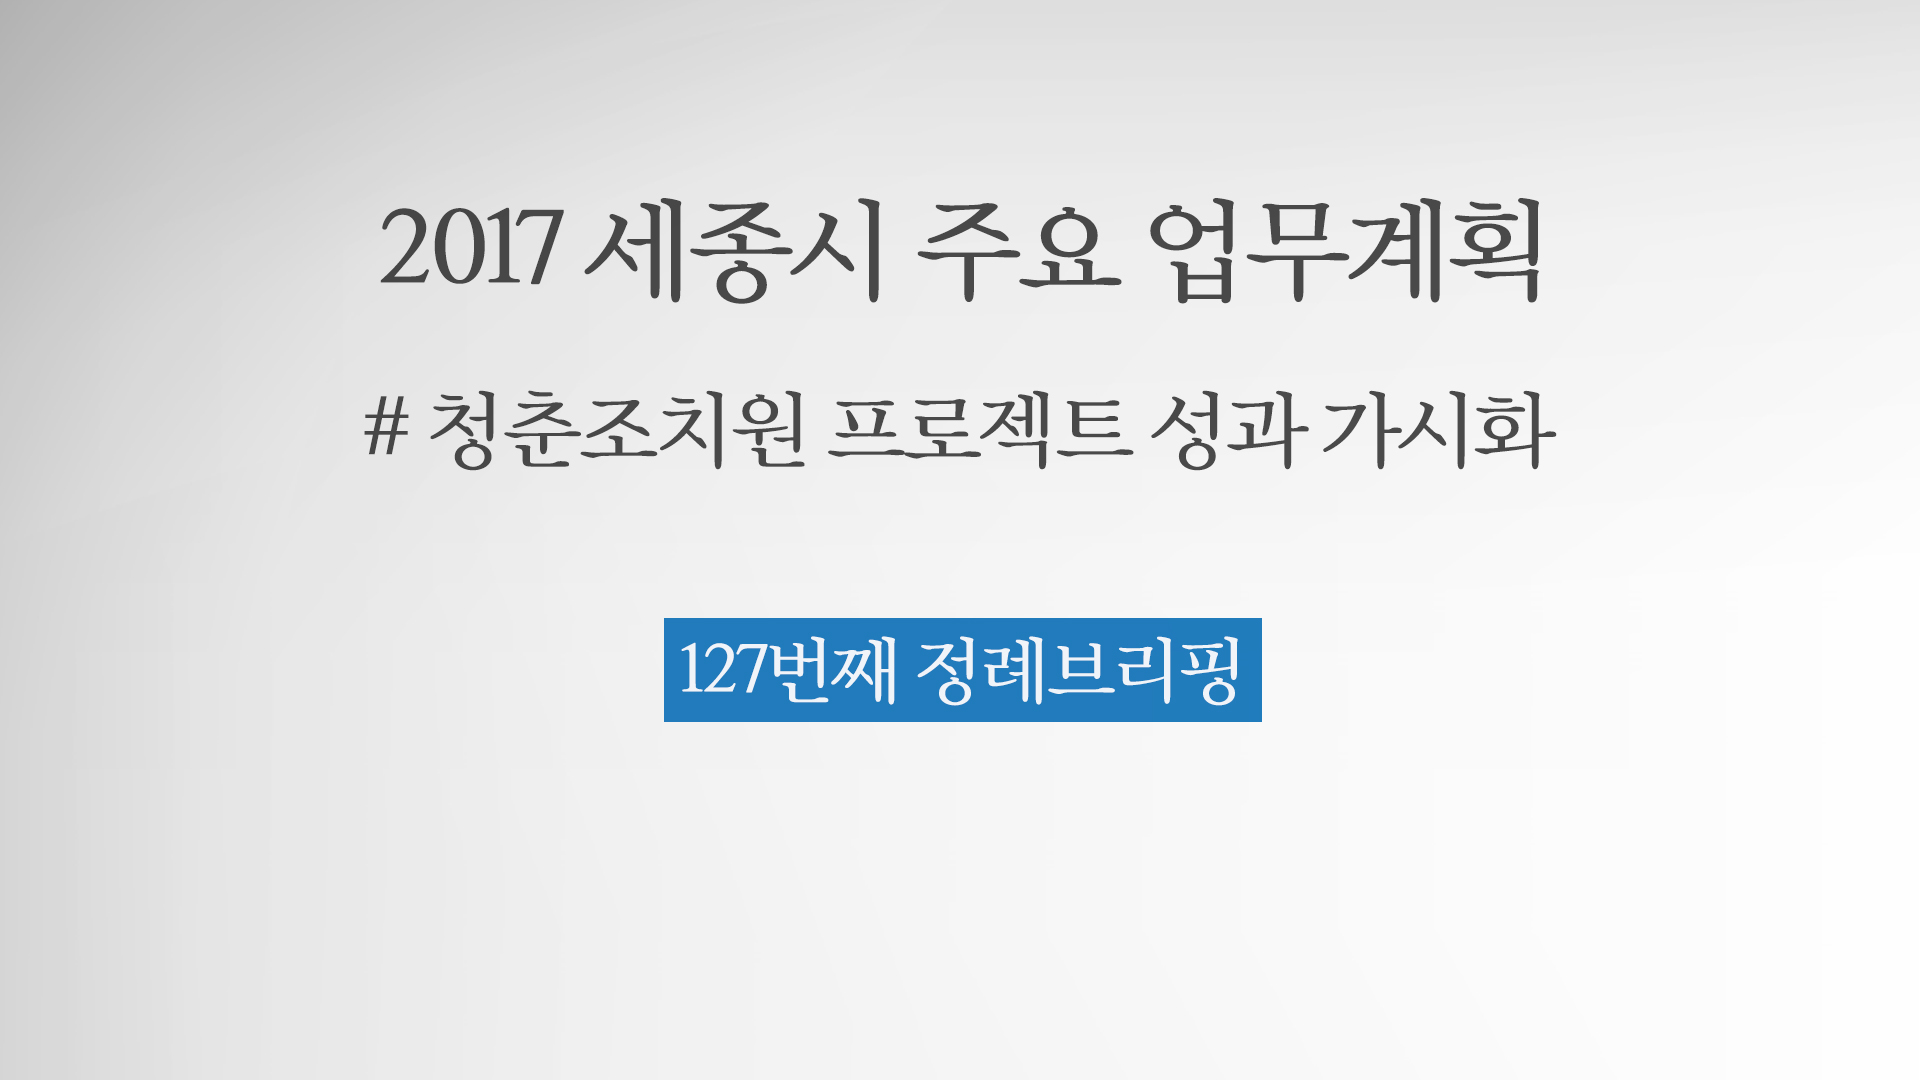 <127번째 정례브리핑> 7.청춘조치원 프로젝트 성과 가시화